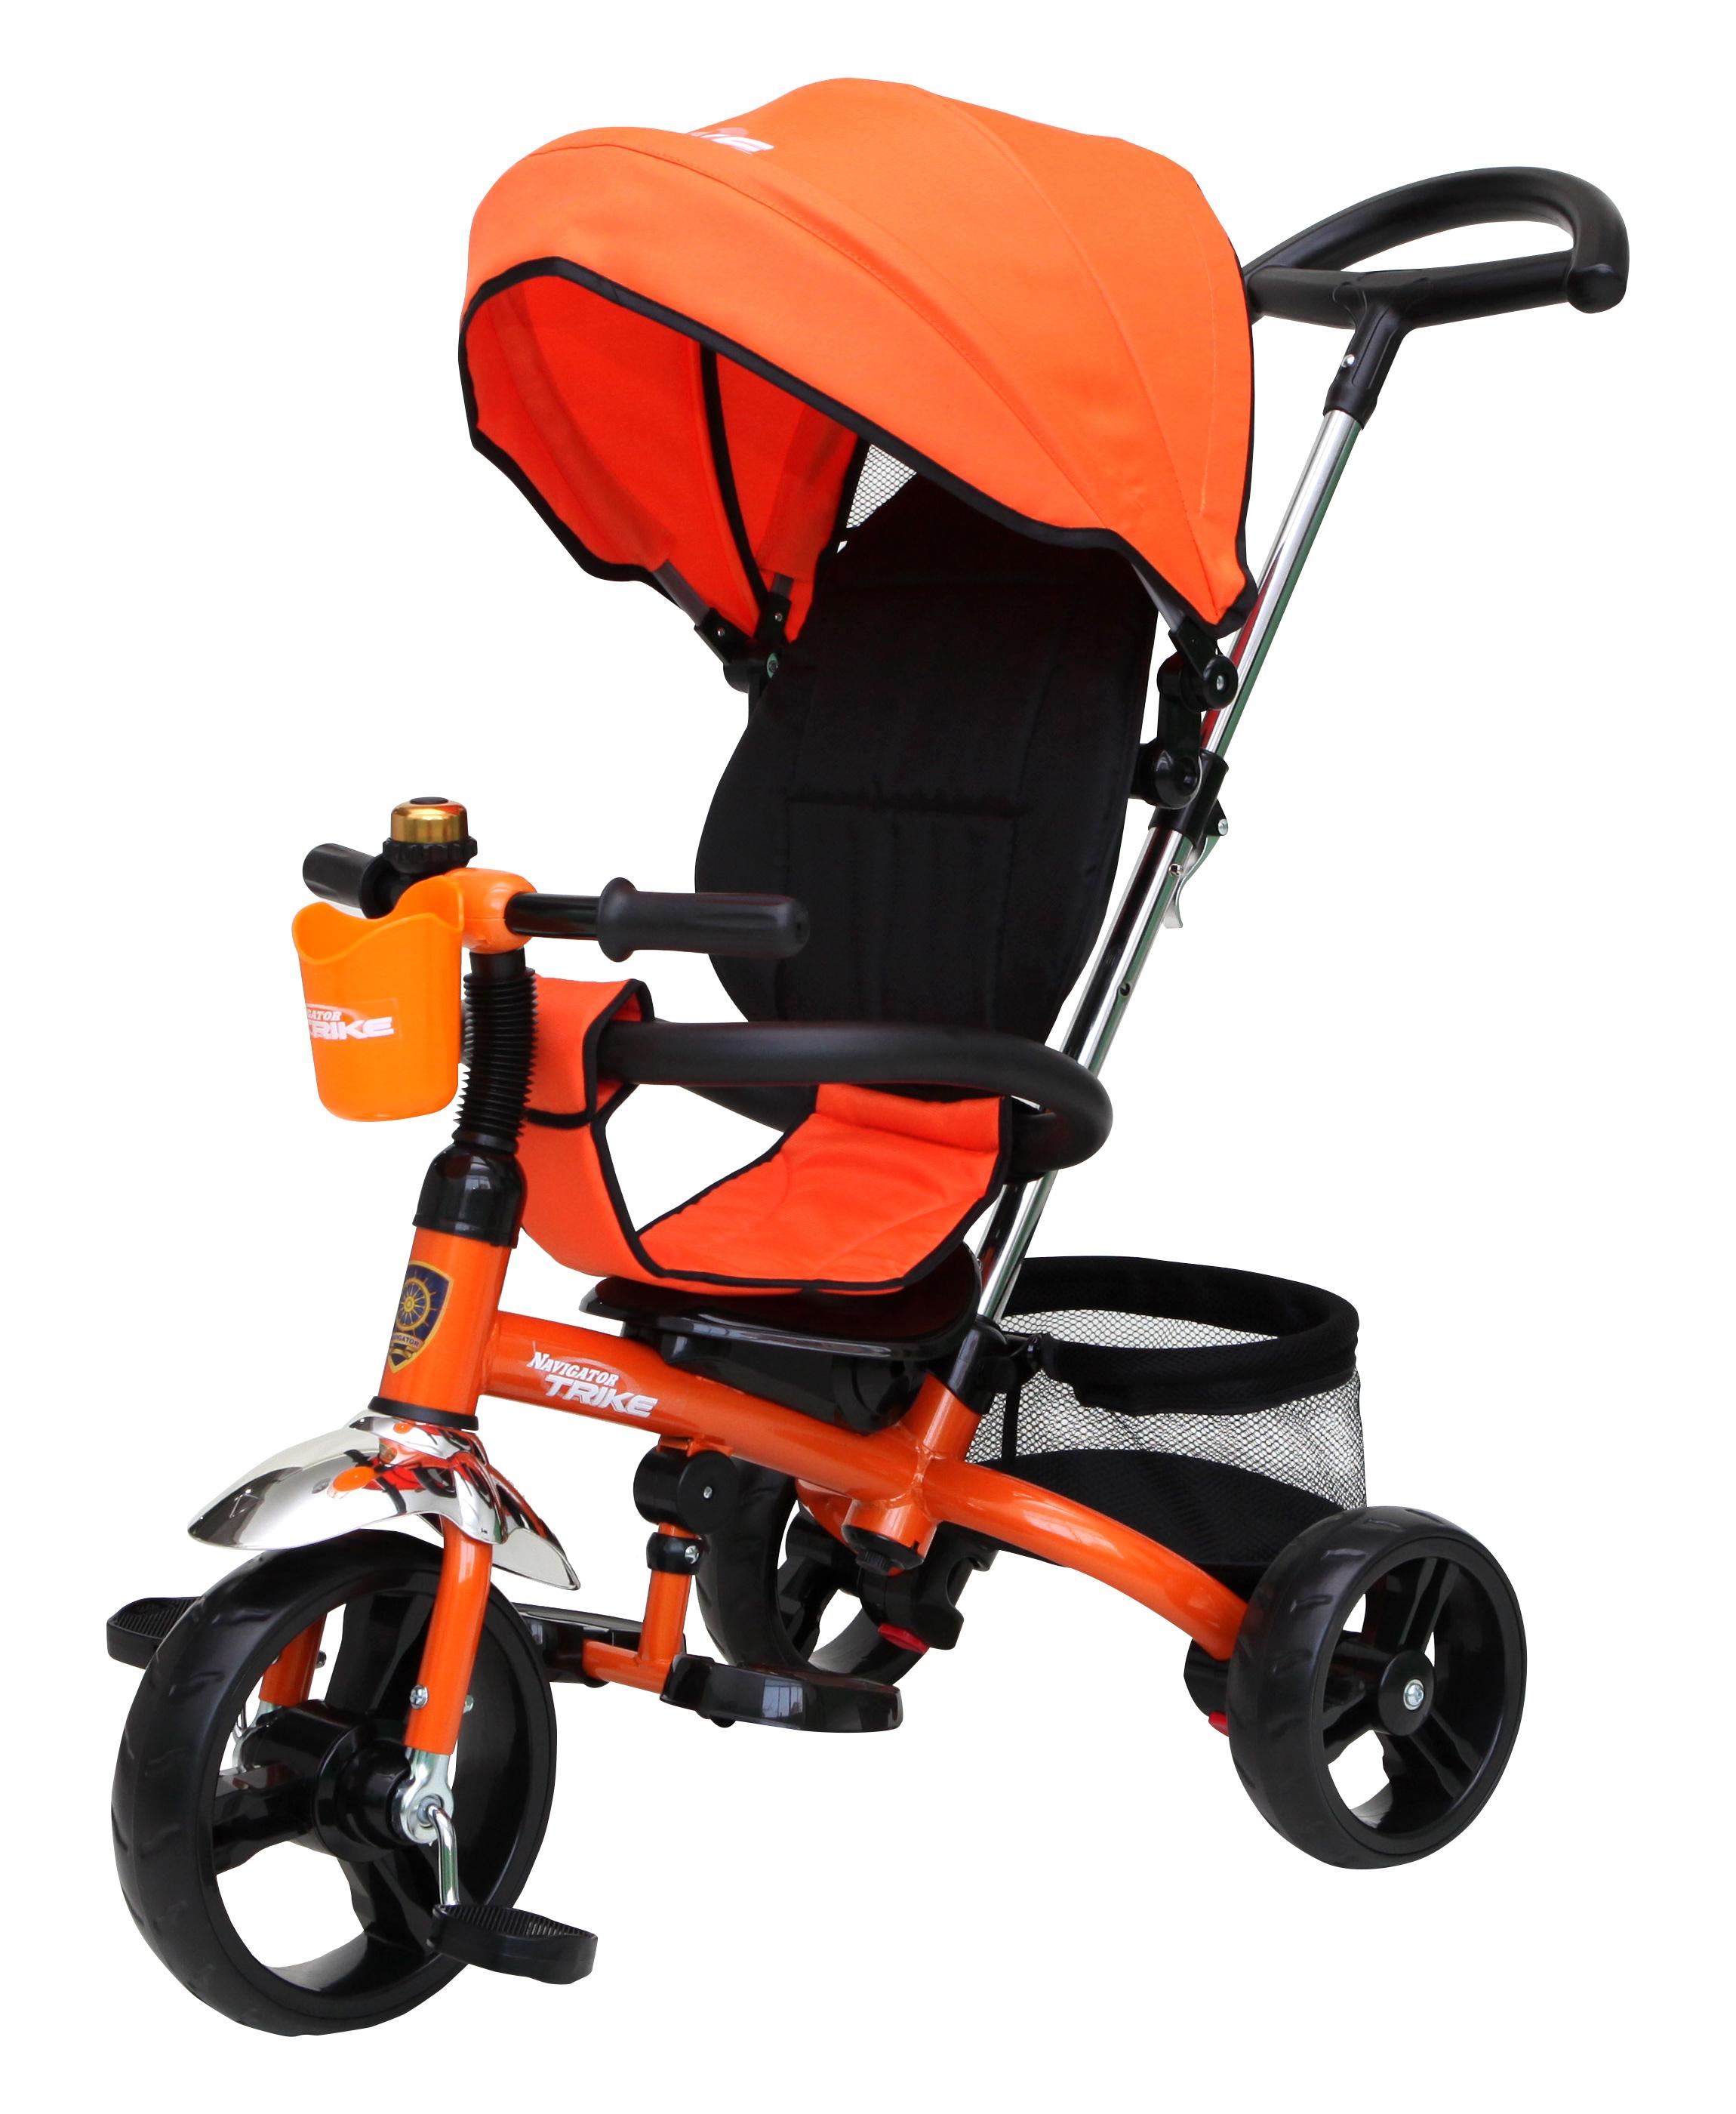 Navigator Трехколесный велосипед Lexus цвет черный оранжевыйТ58450Популярная модель детского трехколесного велосипеда с ярким дизайном. Велосипед снабжен ручкой управления для родителей.